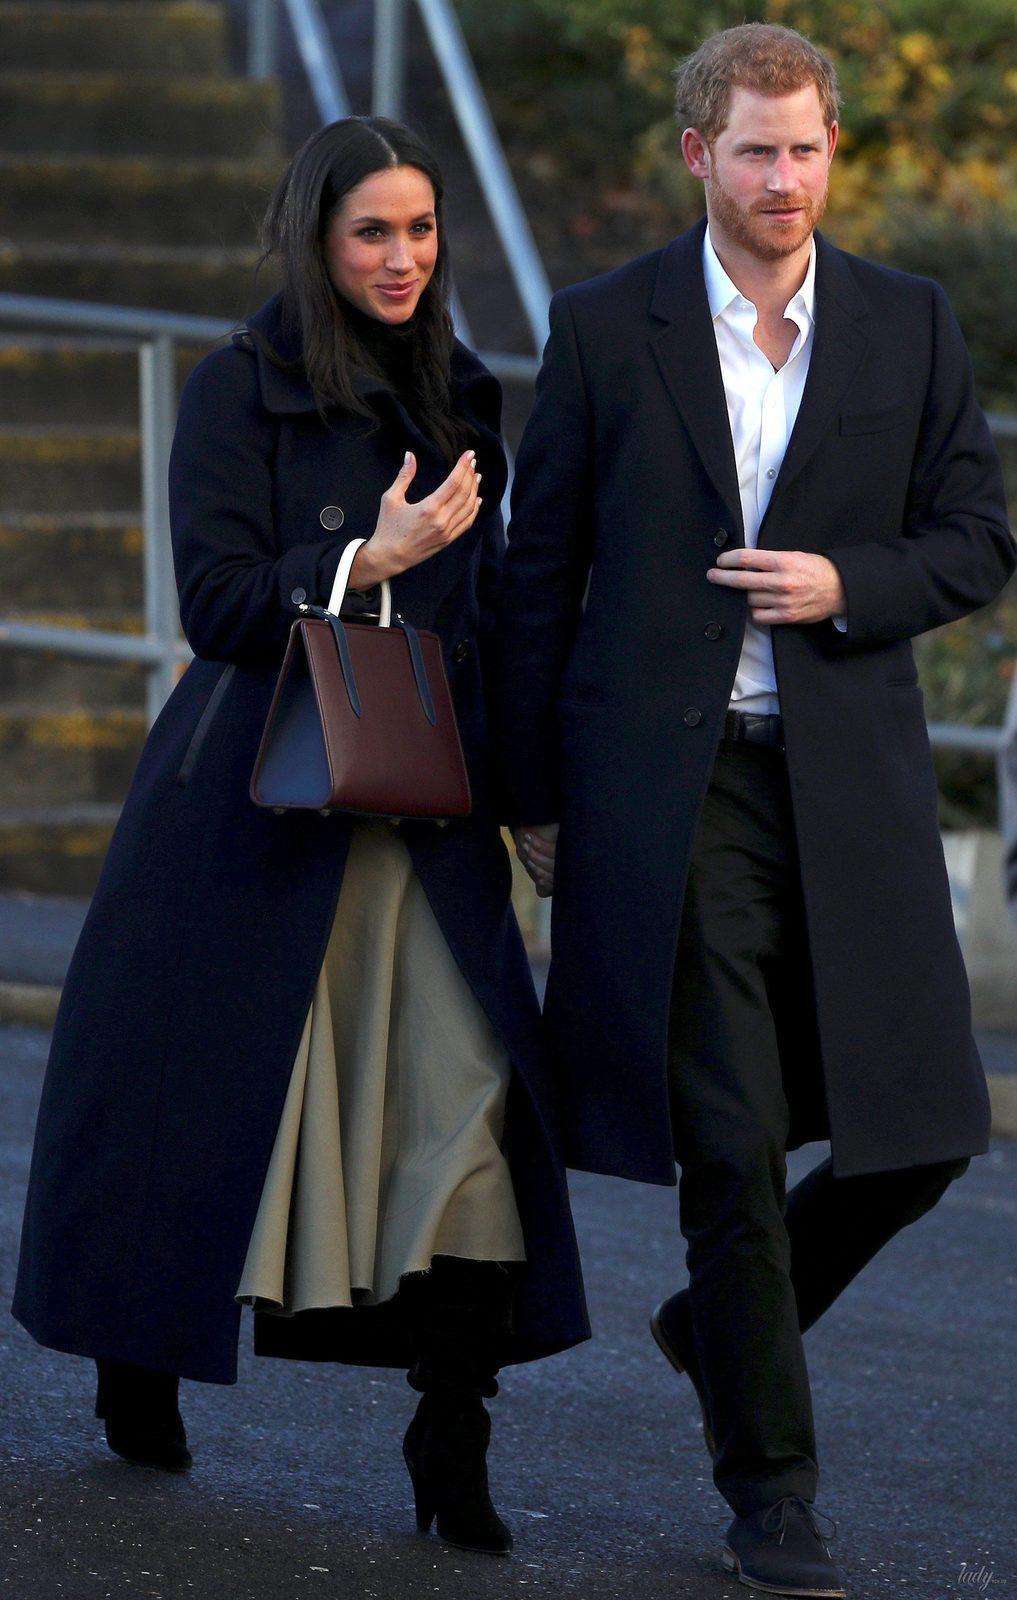 Роскошь для герцогов: Меган Маркл и принц Гарри приобрели особняк за миллиард рублей